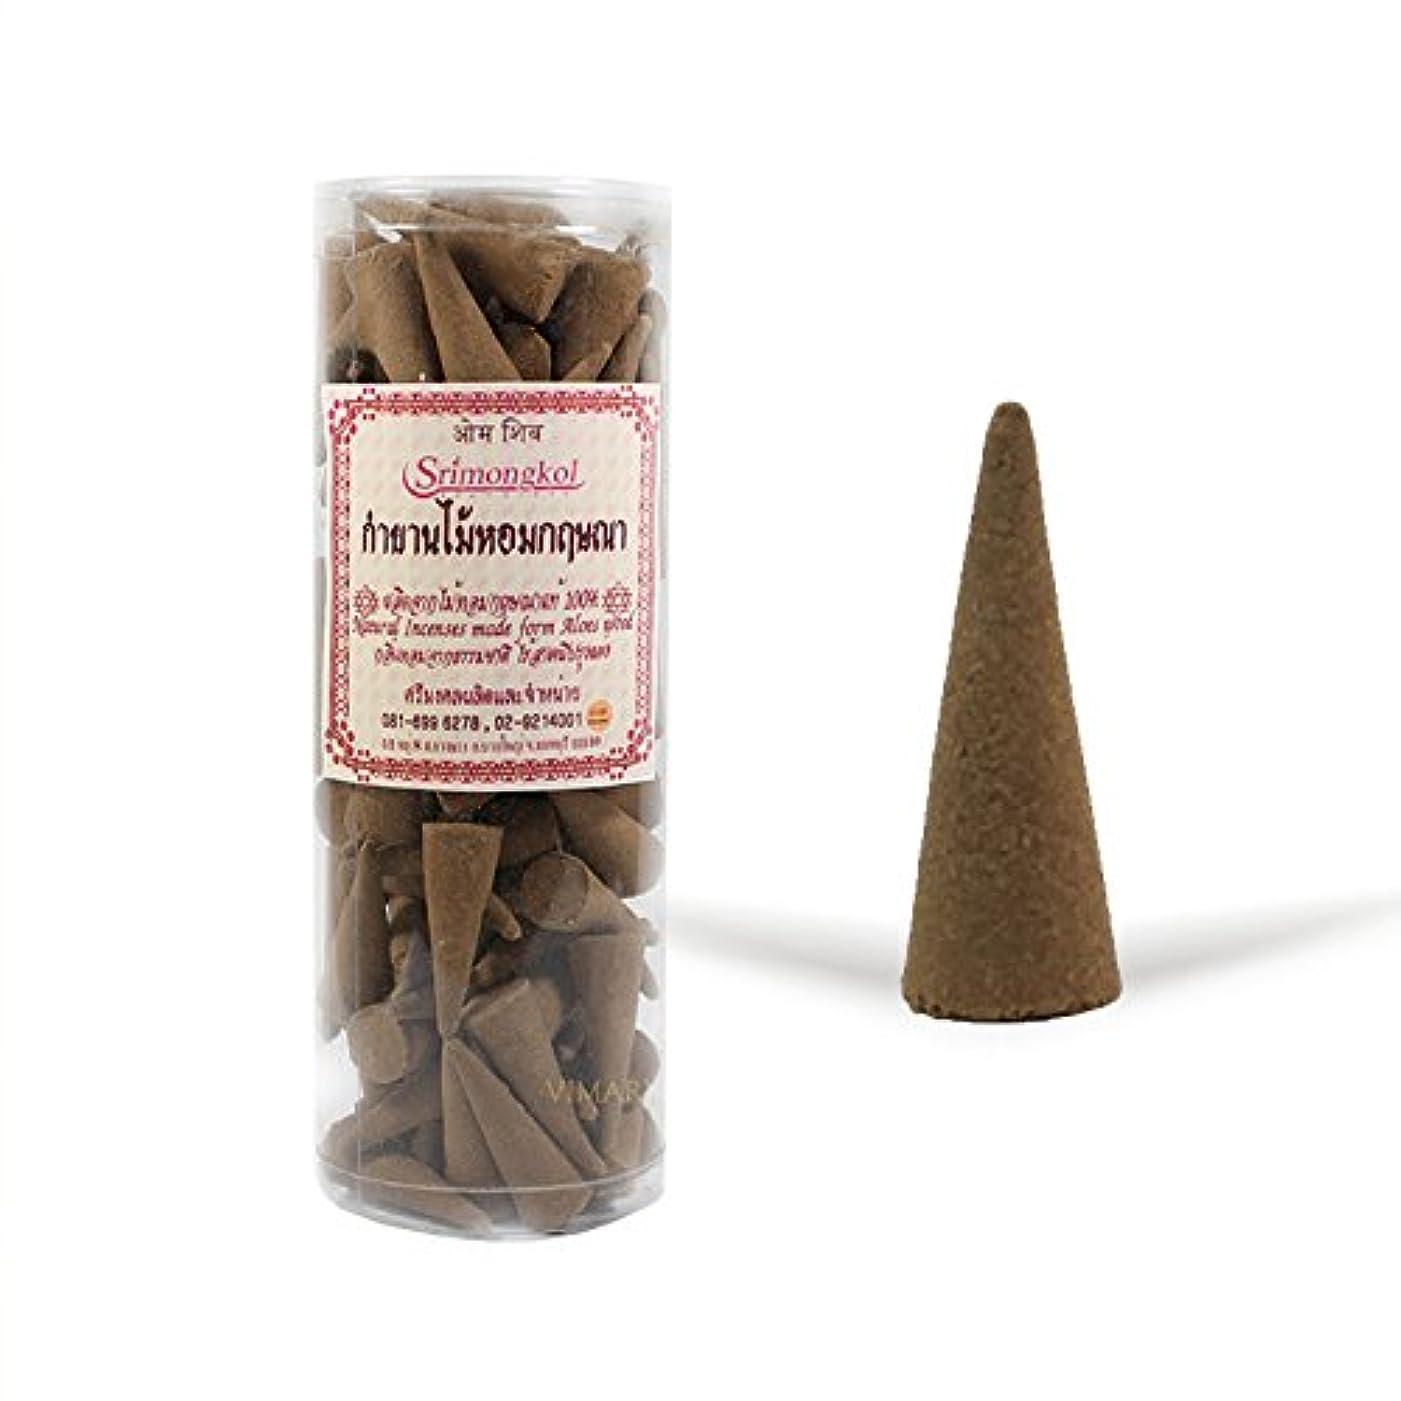 アクセスできないカメ雄弁家Srimongkol Agarwood Natural Incense Cones 300 Grams (No Chemical):::Srimongkol Agarwoodナチュラル香コーン300グラム(化学薬品なし)